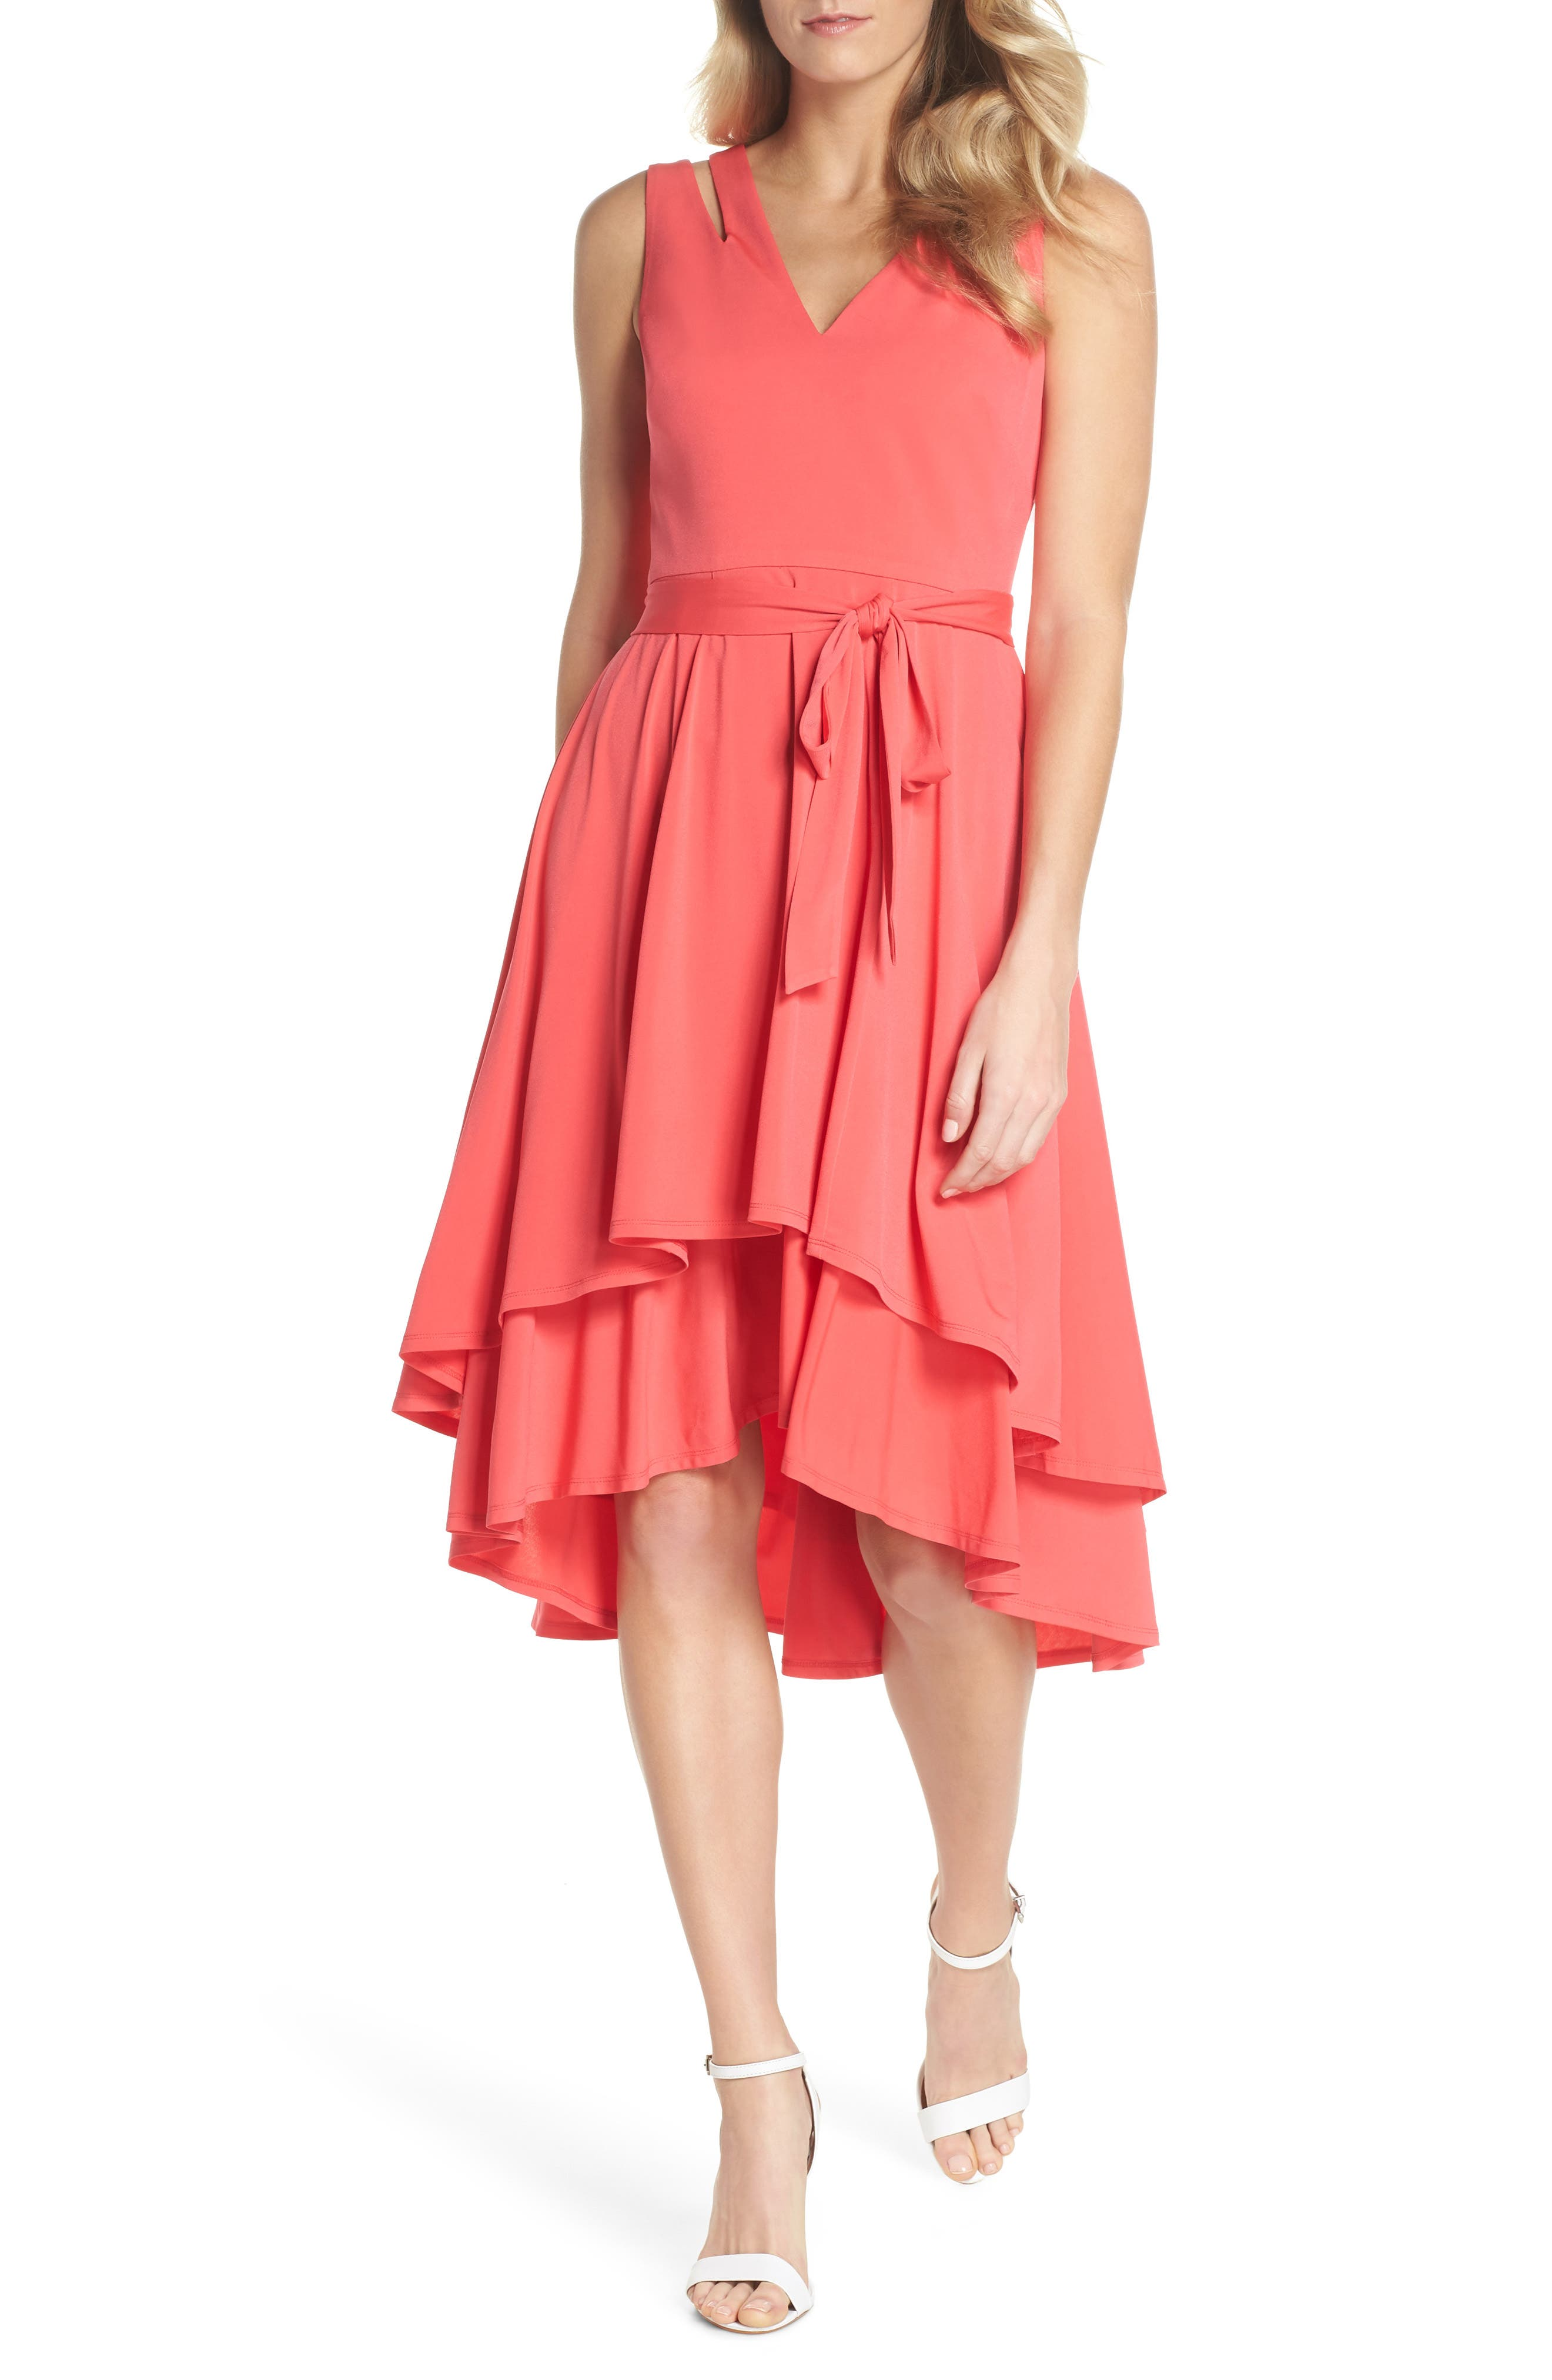 Alternate Image 1 Selected - Vince Camuto Split Shoulder High/Low Dress (Regular & Petite)